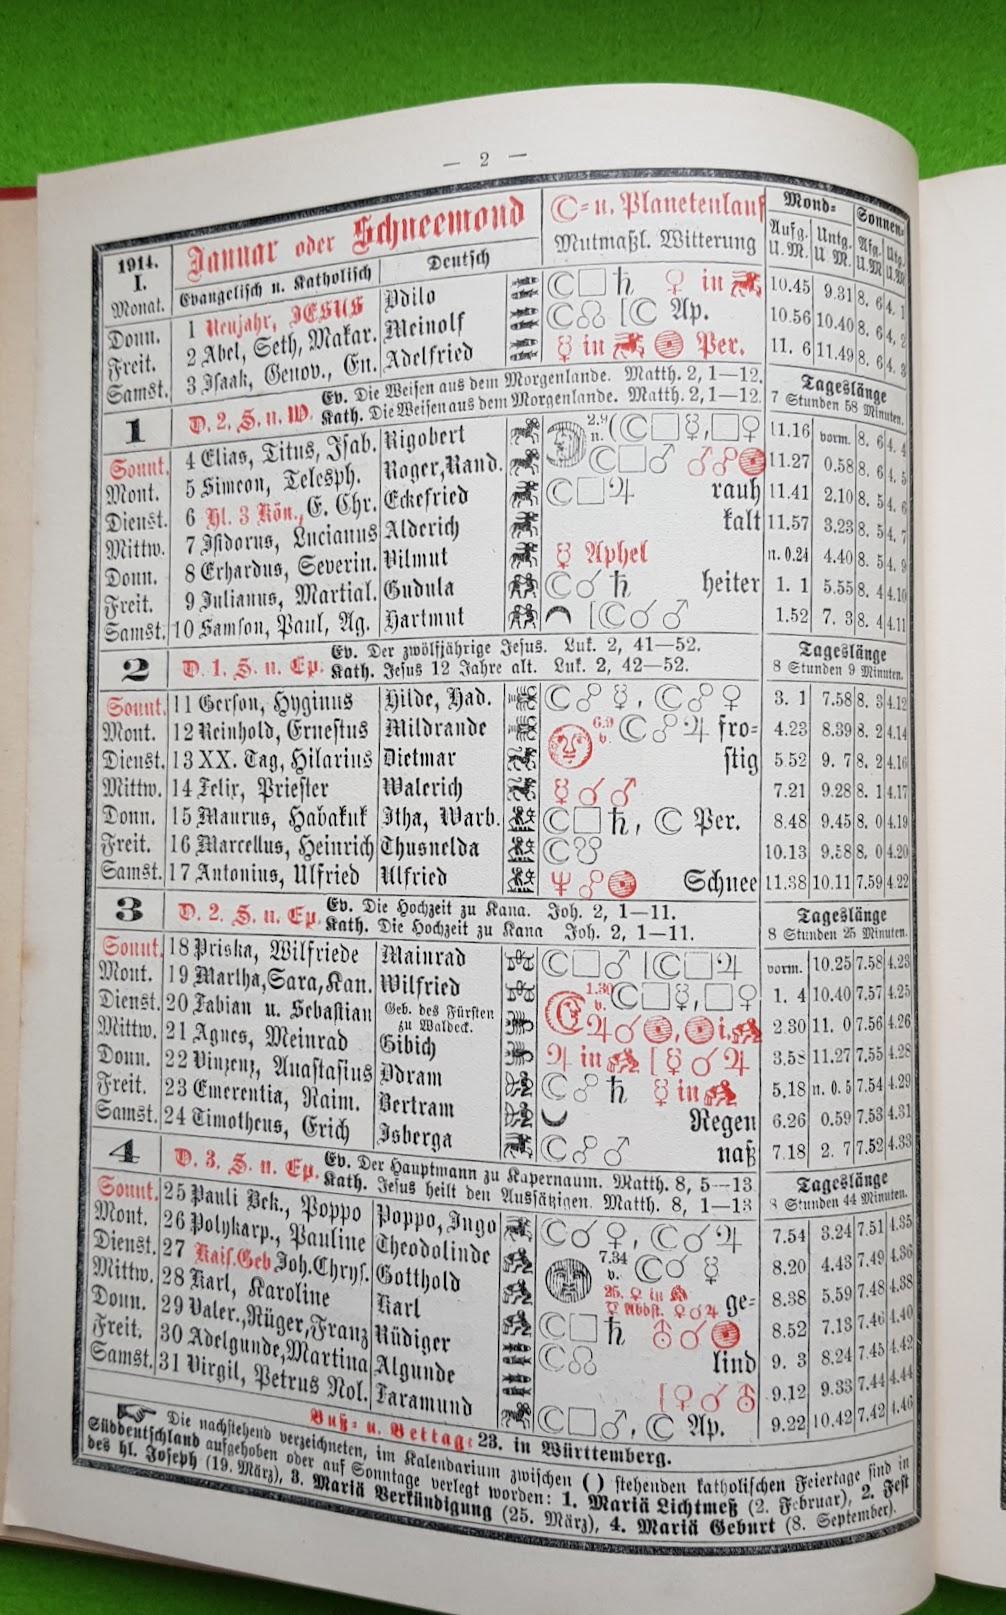 Großer Volkskalender des Lahrer hinkenden Boten - 1914 - Januar